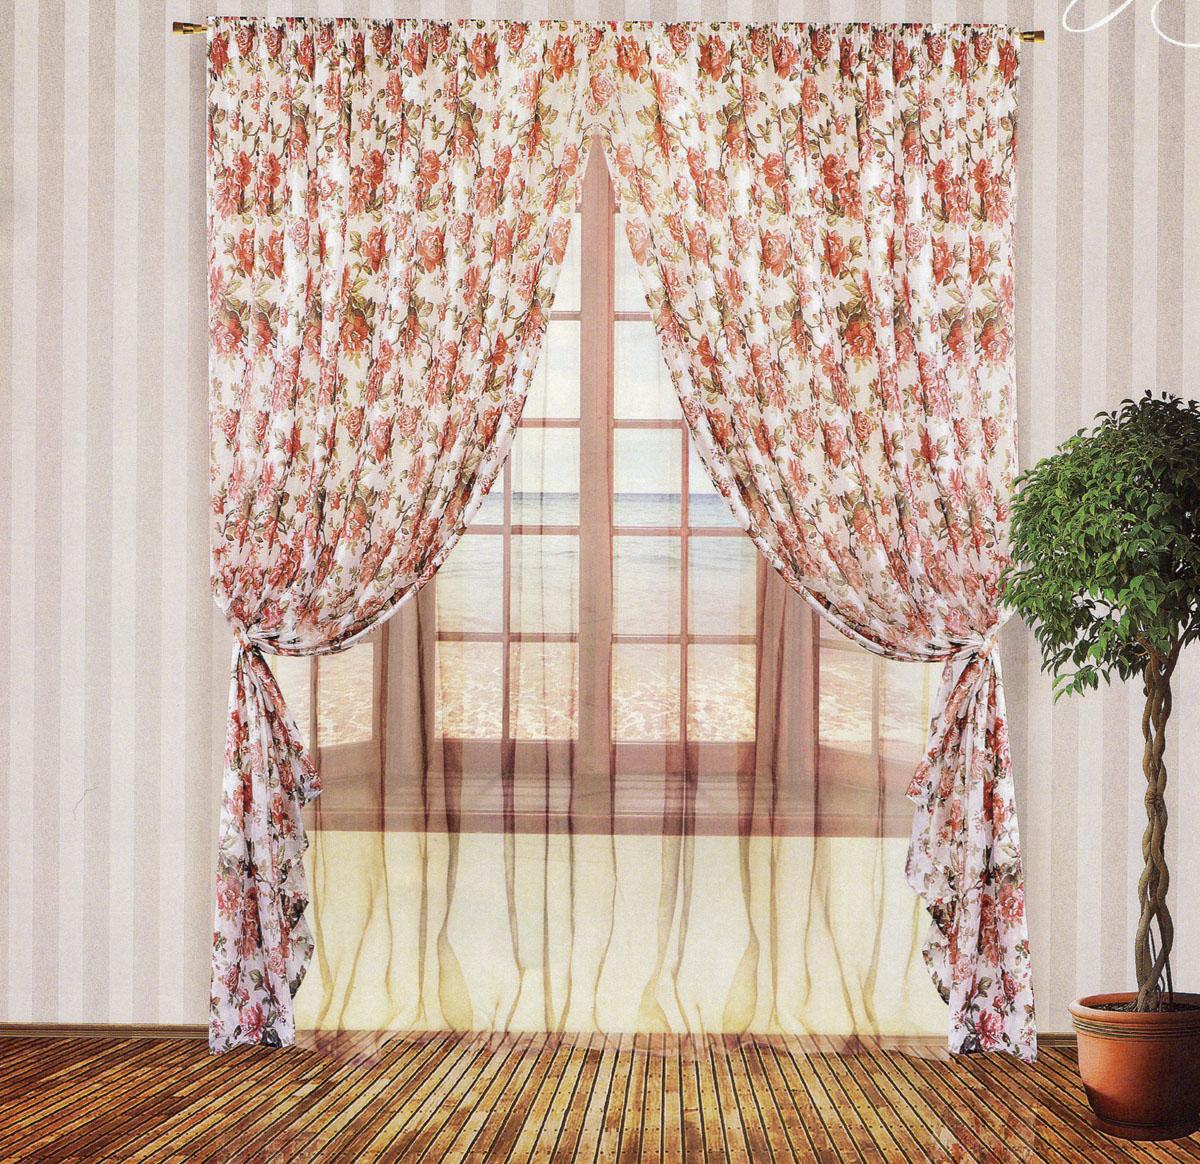 Комплект штор Zlata Korunka, на ленте, цвет: розовый, белый, высота 250 см. 5553455534Роскошный комплект тюлевых штор Zlata Korunka, выполненный из органзы и микровуали (100% полиэстера), великолепно украсит любое окно. Комплект состоит из двух штор, тюля и двух подхватов. Полупрозрачная ткань, цветочный принт и приятная, приглушенная гамма привлекут к себе внимание и органично впишутся в интерьер помещения. Комплект крепится на карниз при помощи шторной ленты, которая поможет красиво и равномерно задрапировать верх. Шторы можно зафиксировать в одном положении с помощью двух подхватов. Этот комплект будет долгое время радовать вас и вашу семью! В комплект входит: Штора: 2 шт. Размер (ШхВ): 200 см х 250 см. Тюль: 1 шт. Размер (ШхВ): 400 см х 250 см. Подхват: 2 шт. Размер (ШхВ): 60 см х 10 см.